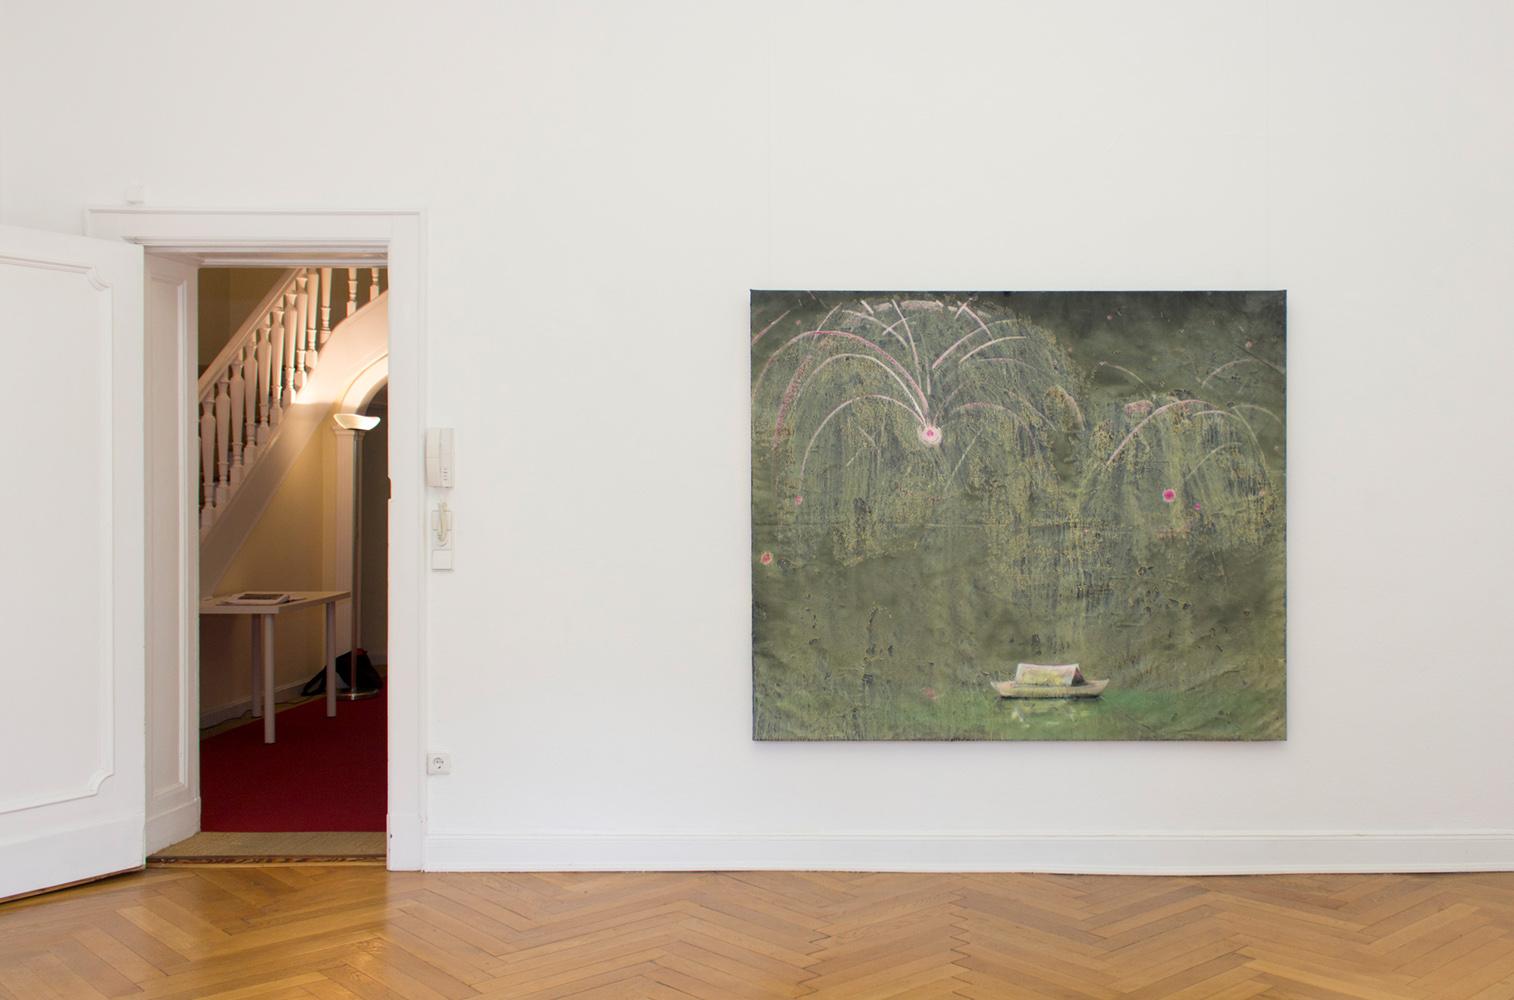 Köppe Contemporary - Becker Schmitz